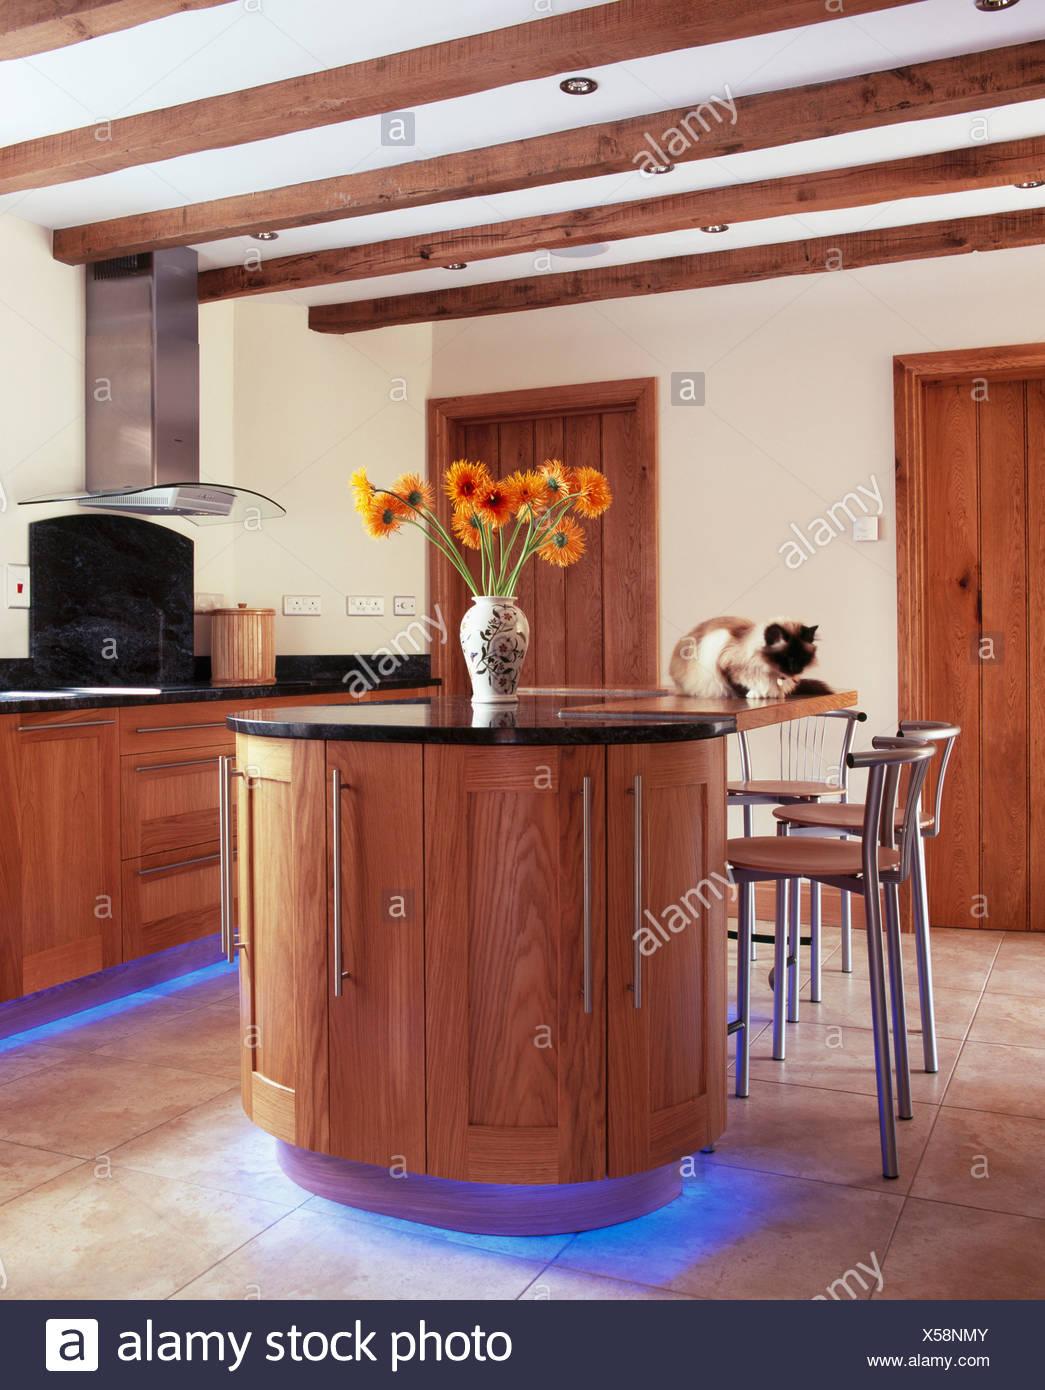 Blauen Halogen Beleuchtung Unten Einheiten In Moderne Landhauskuche